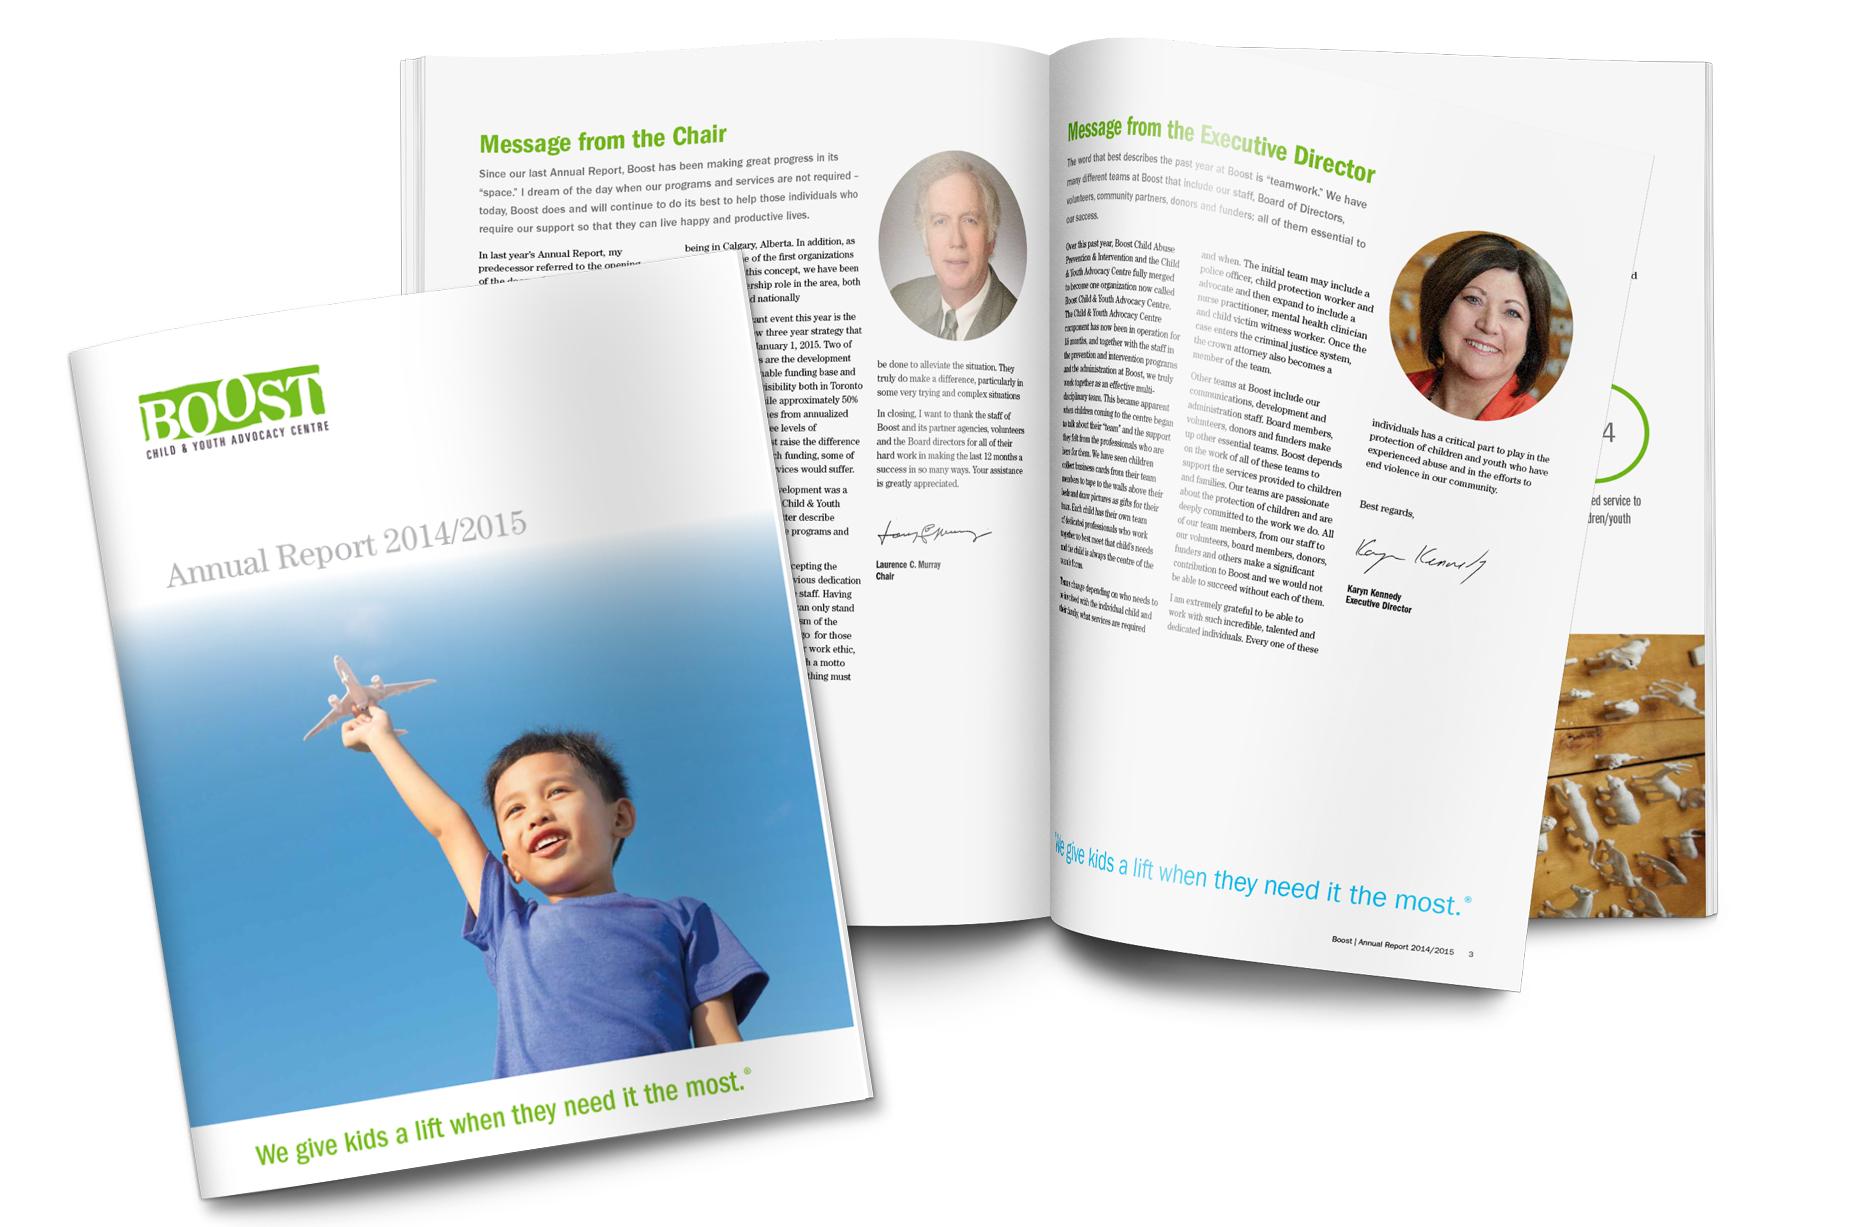 Annual report design for Boost, 2015